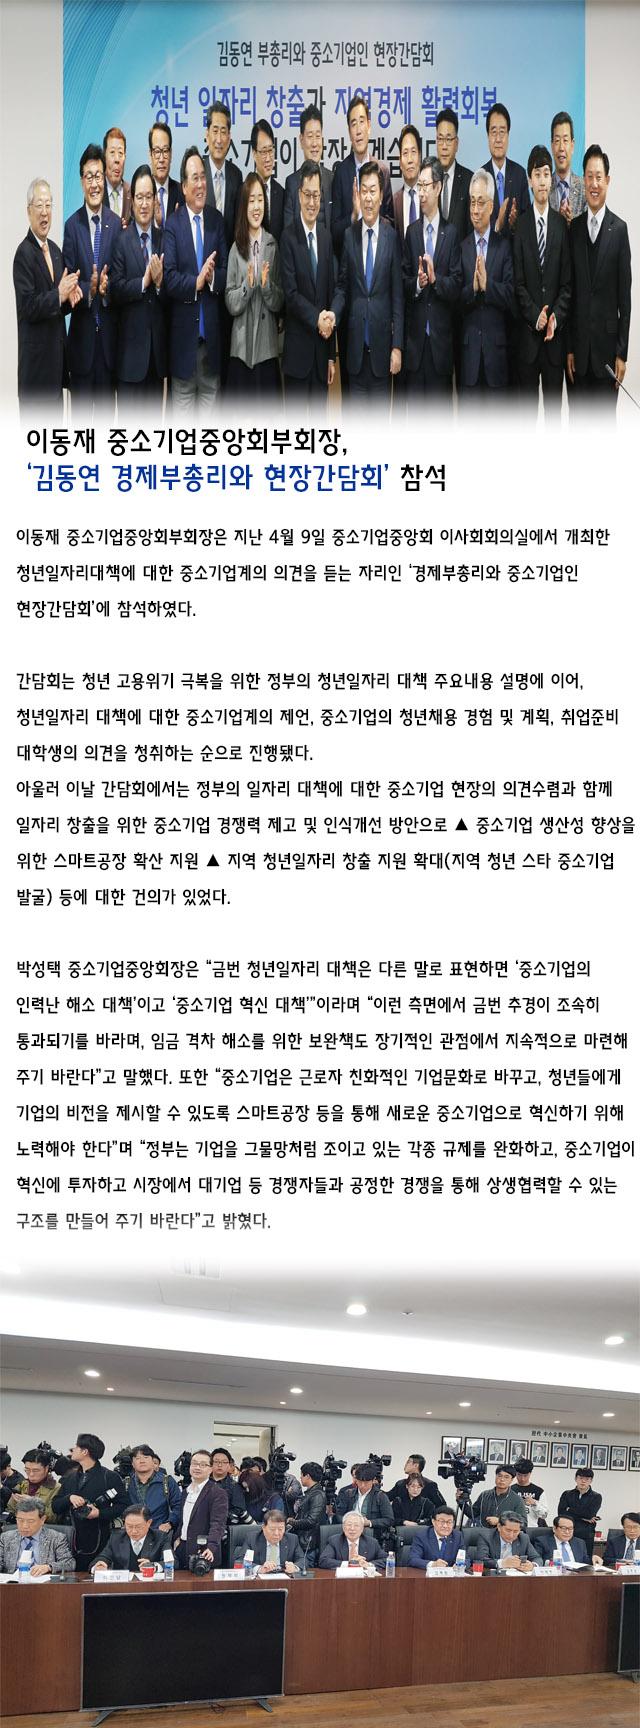 김동연경제부총리와현장간담회-H.jpg